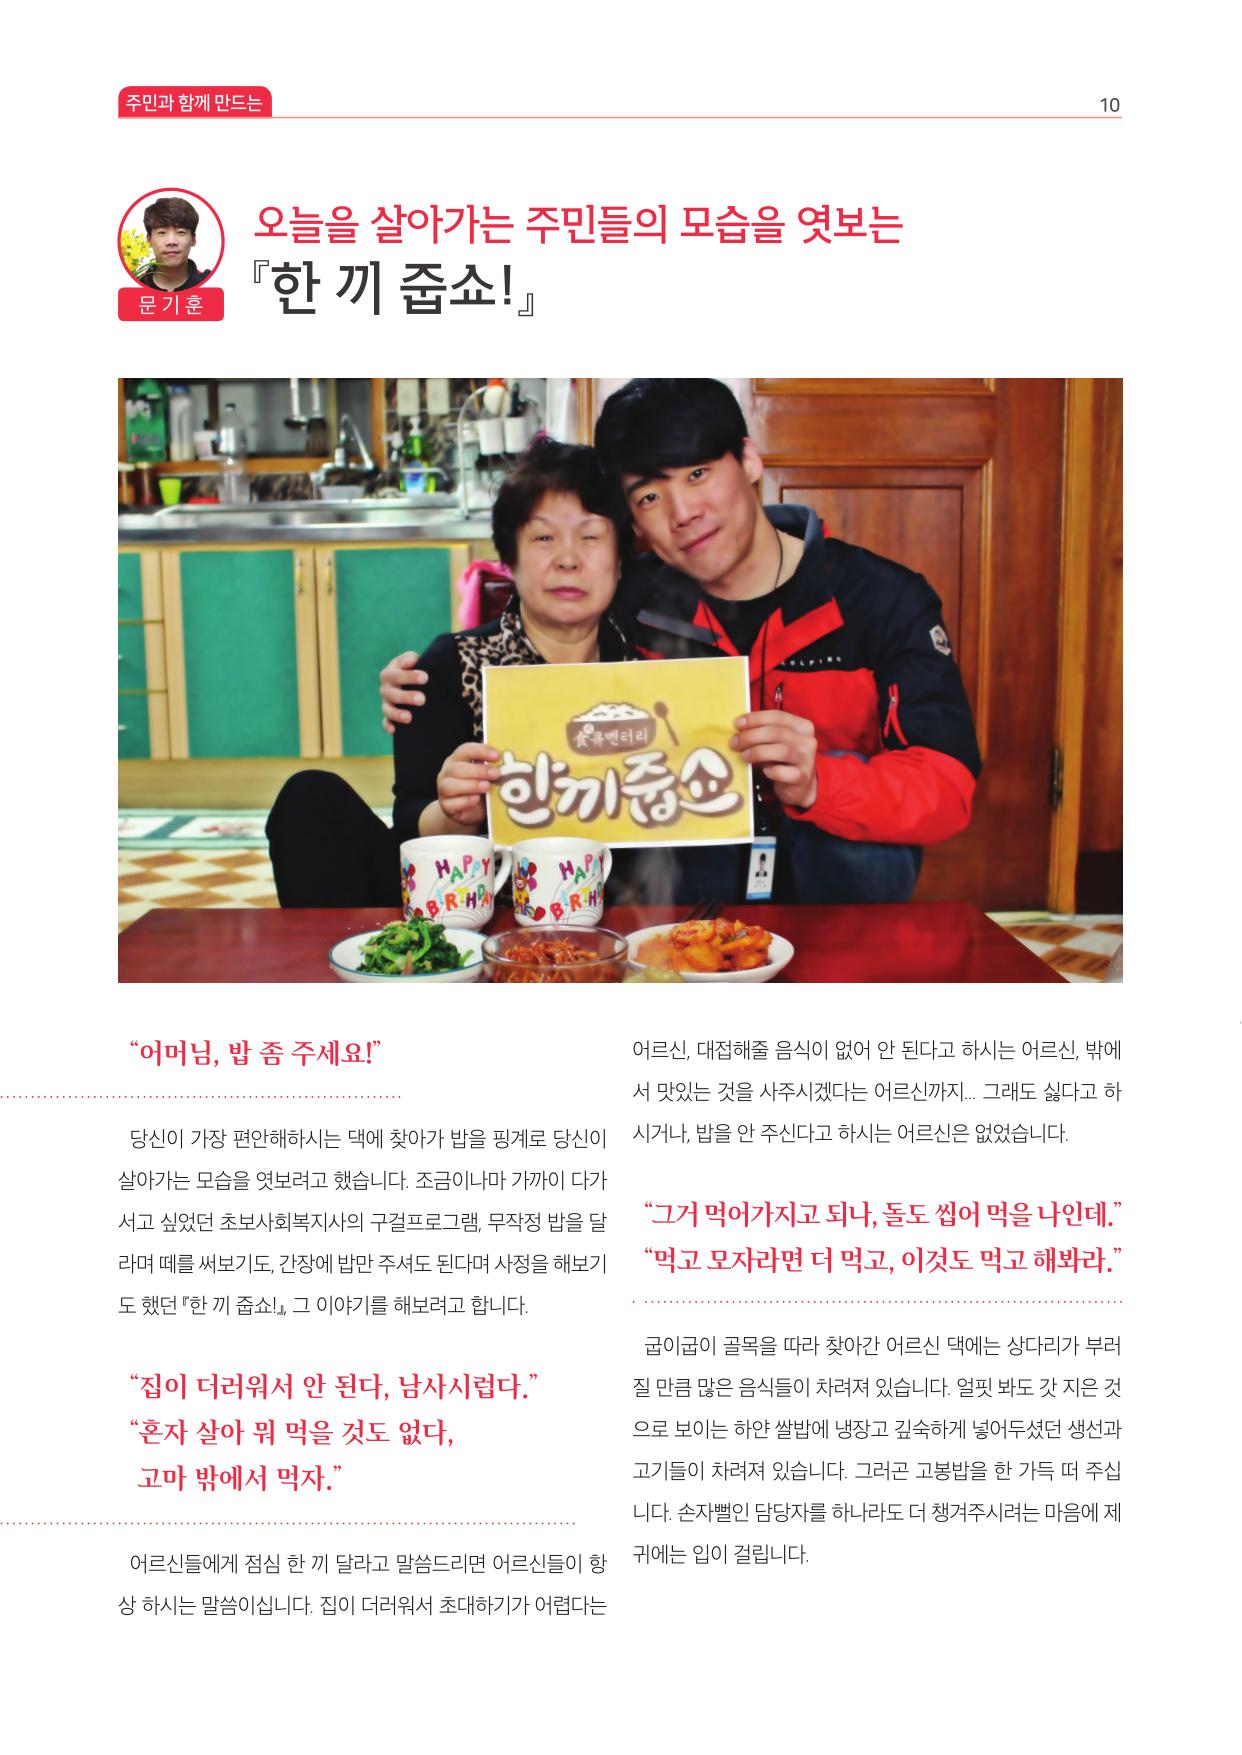 반송종합사회복지관연간소식지(2017)-10.jpg